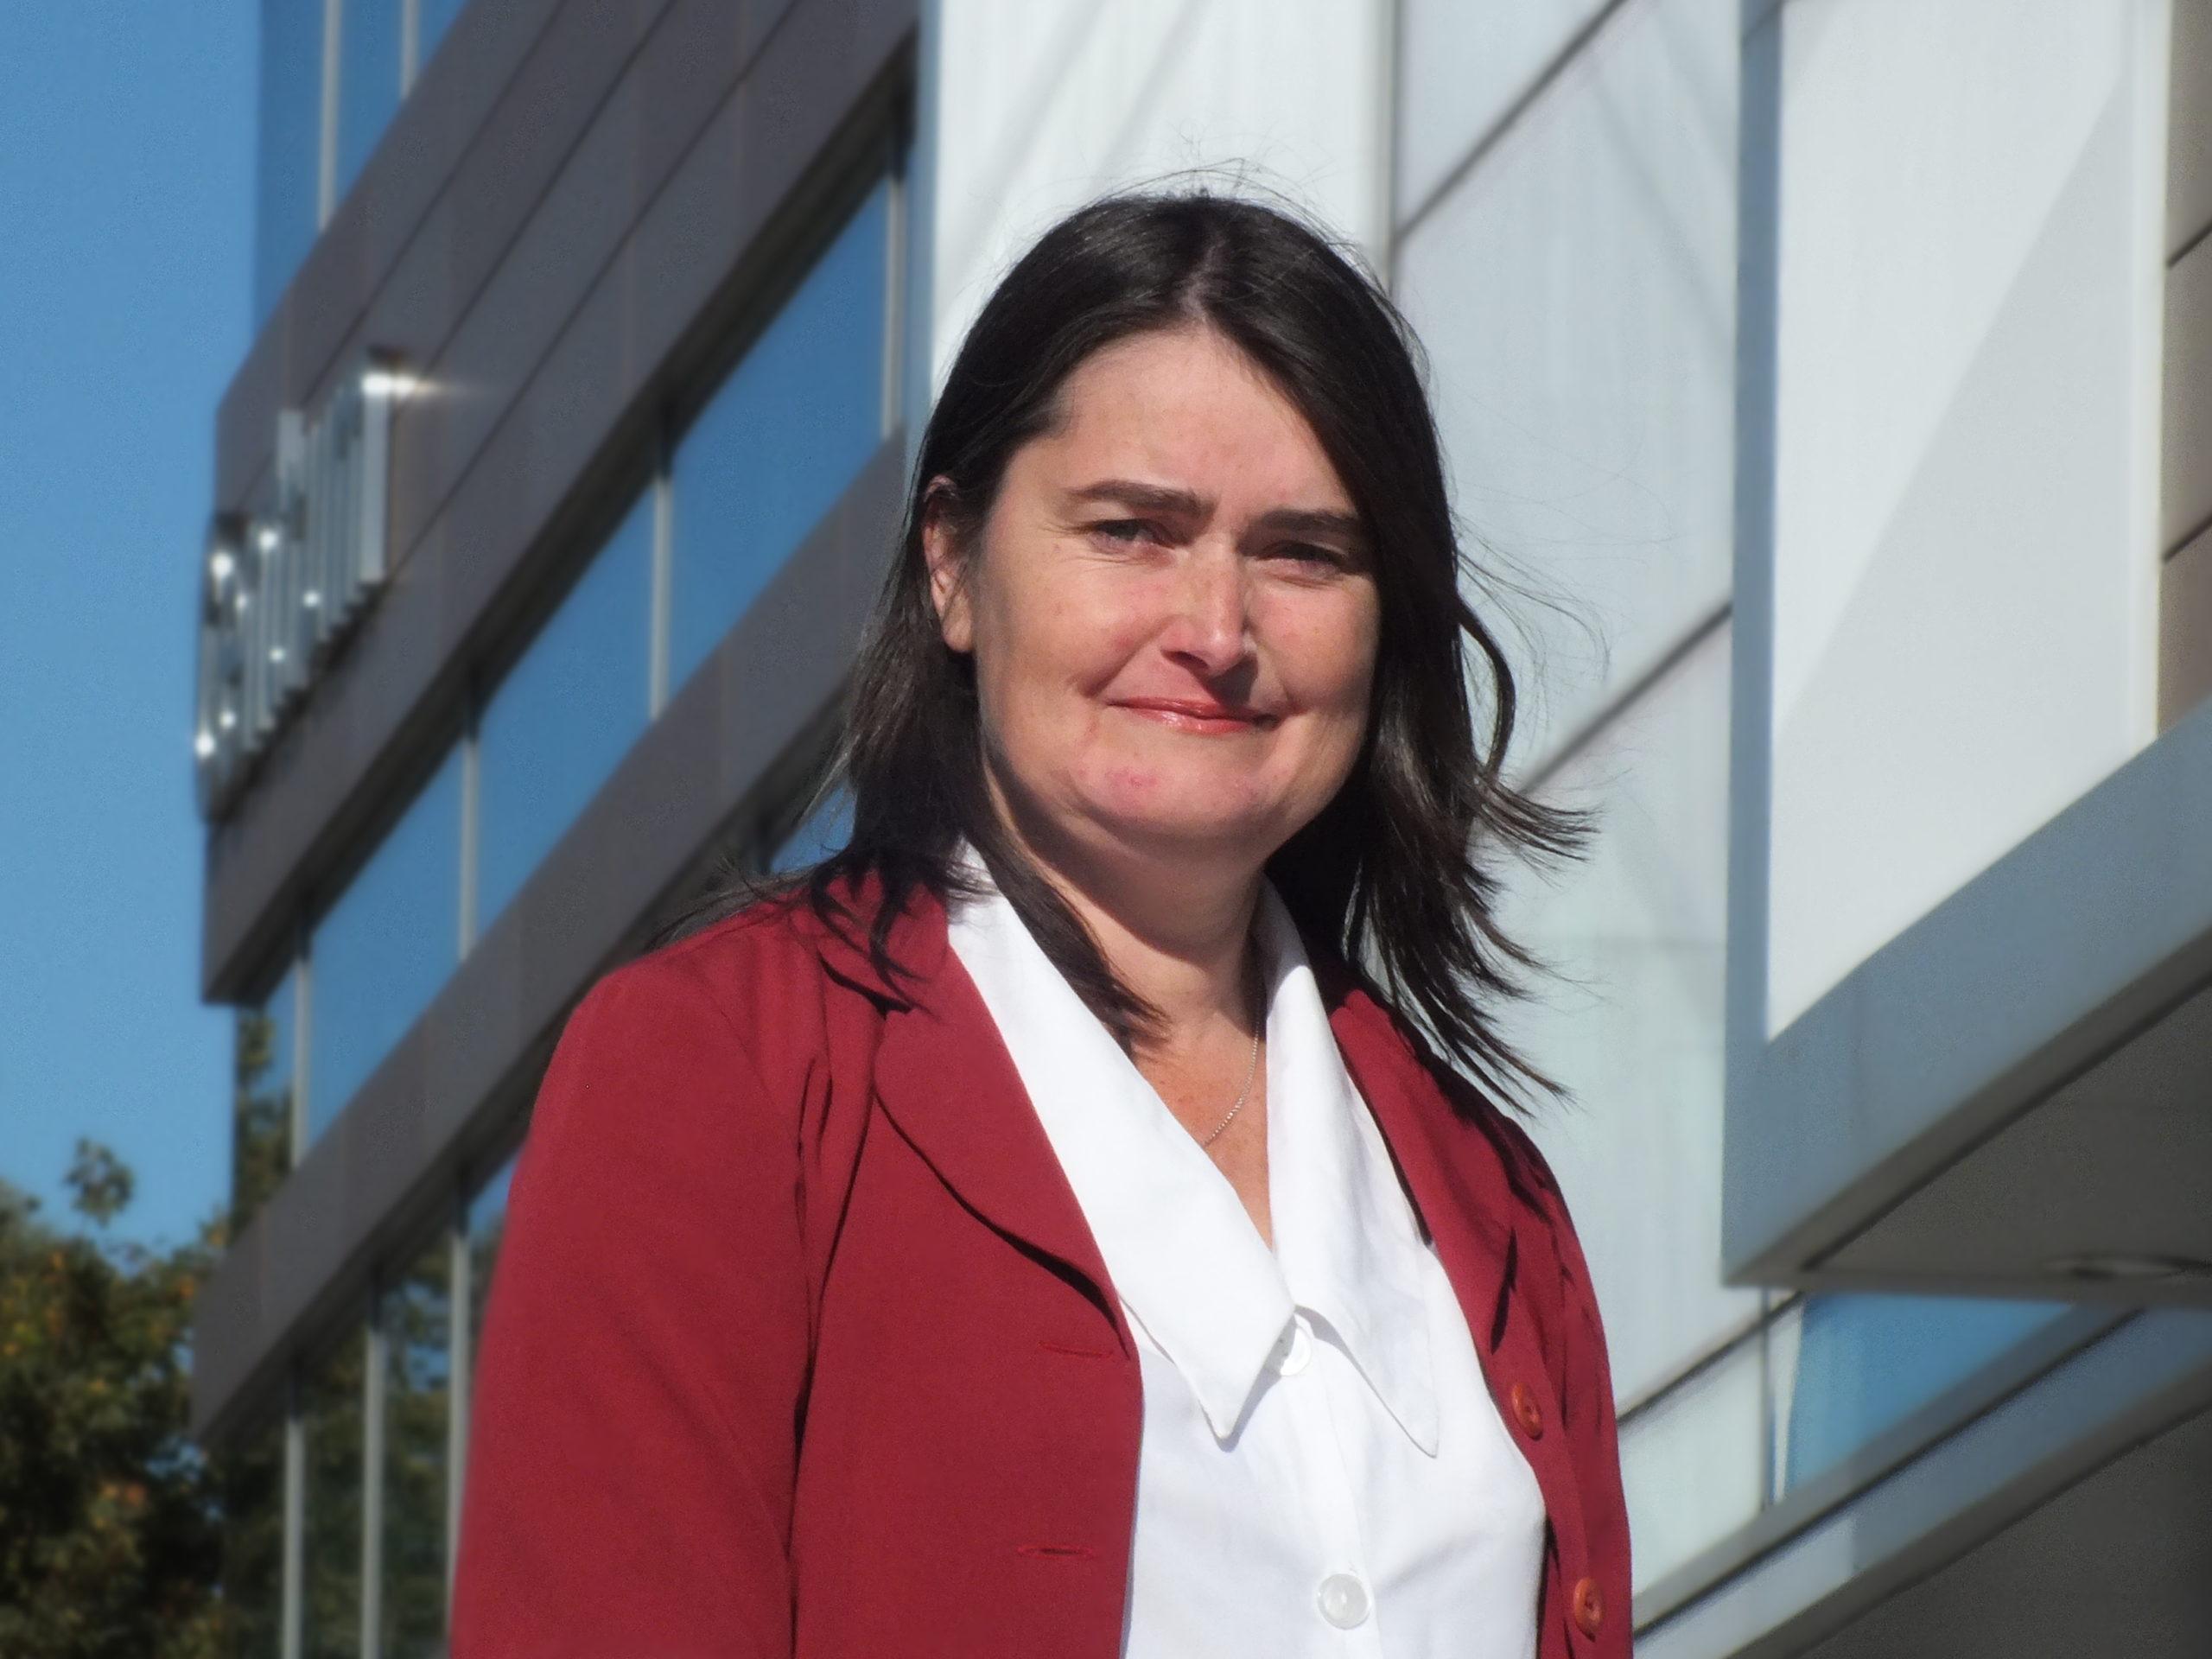 Natasha Waller - Skills Manager at New Anglia LEP